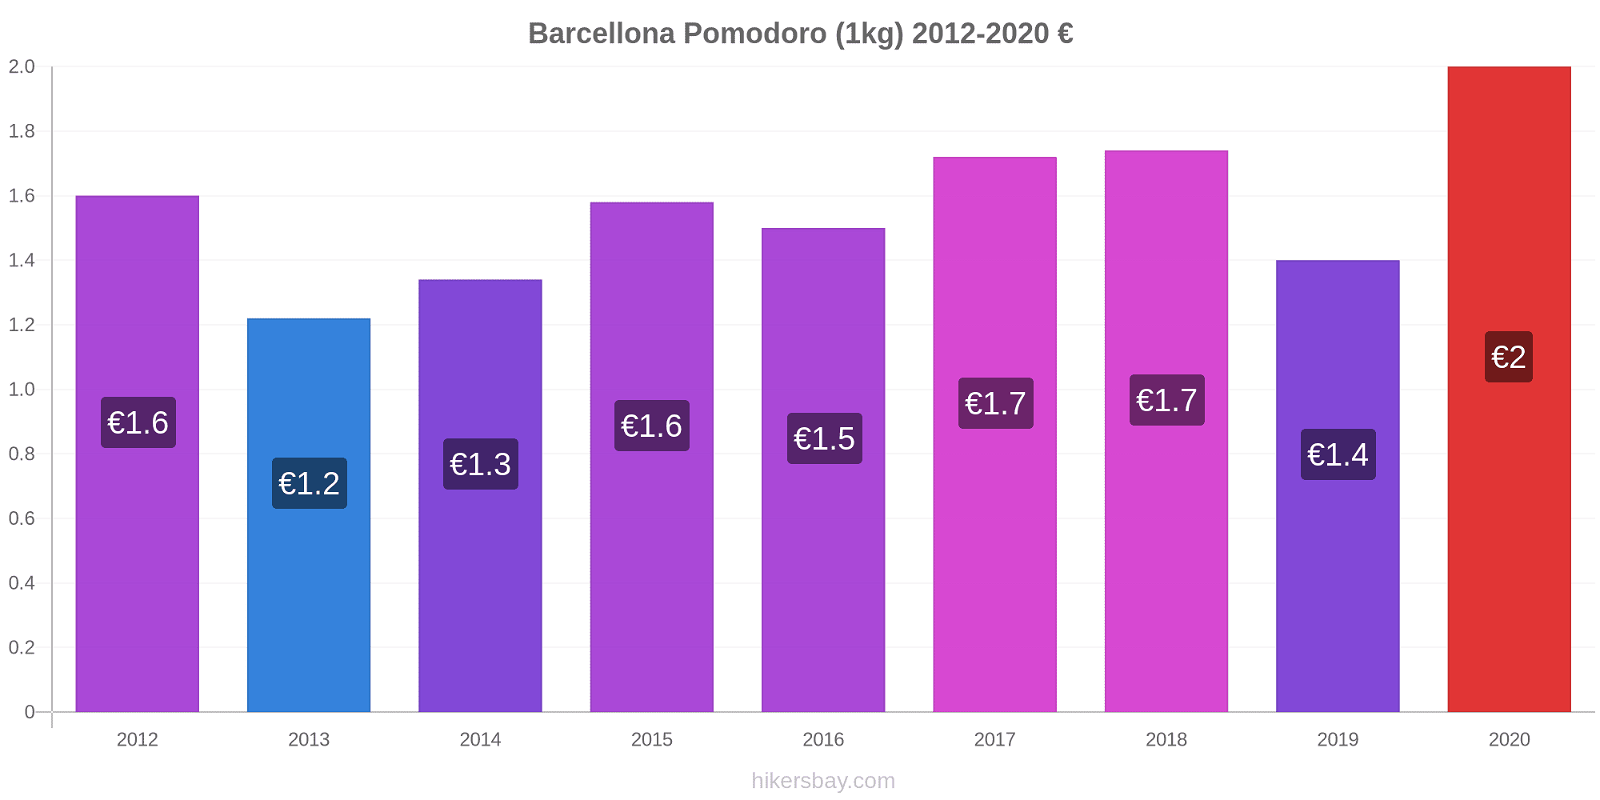 Barcellona variazioni di prezzo Pomodoro (1kg) hikersbay.com